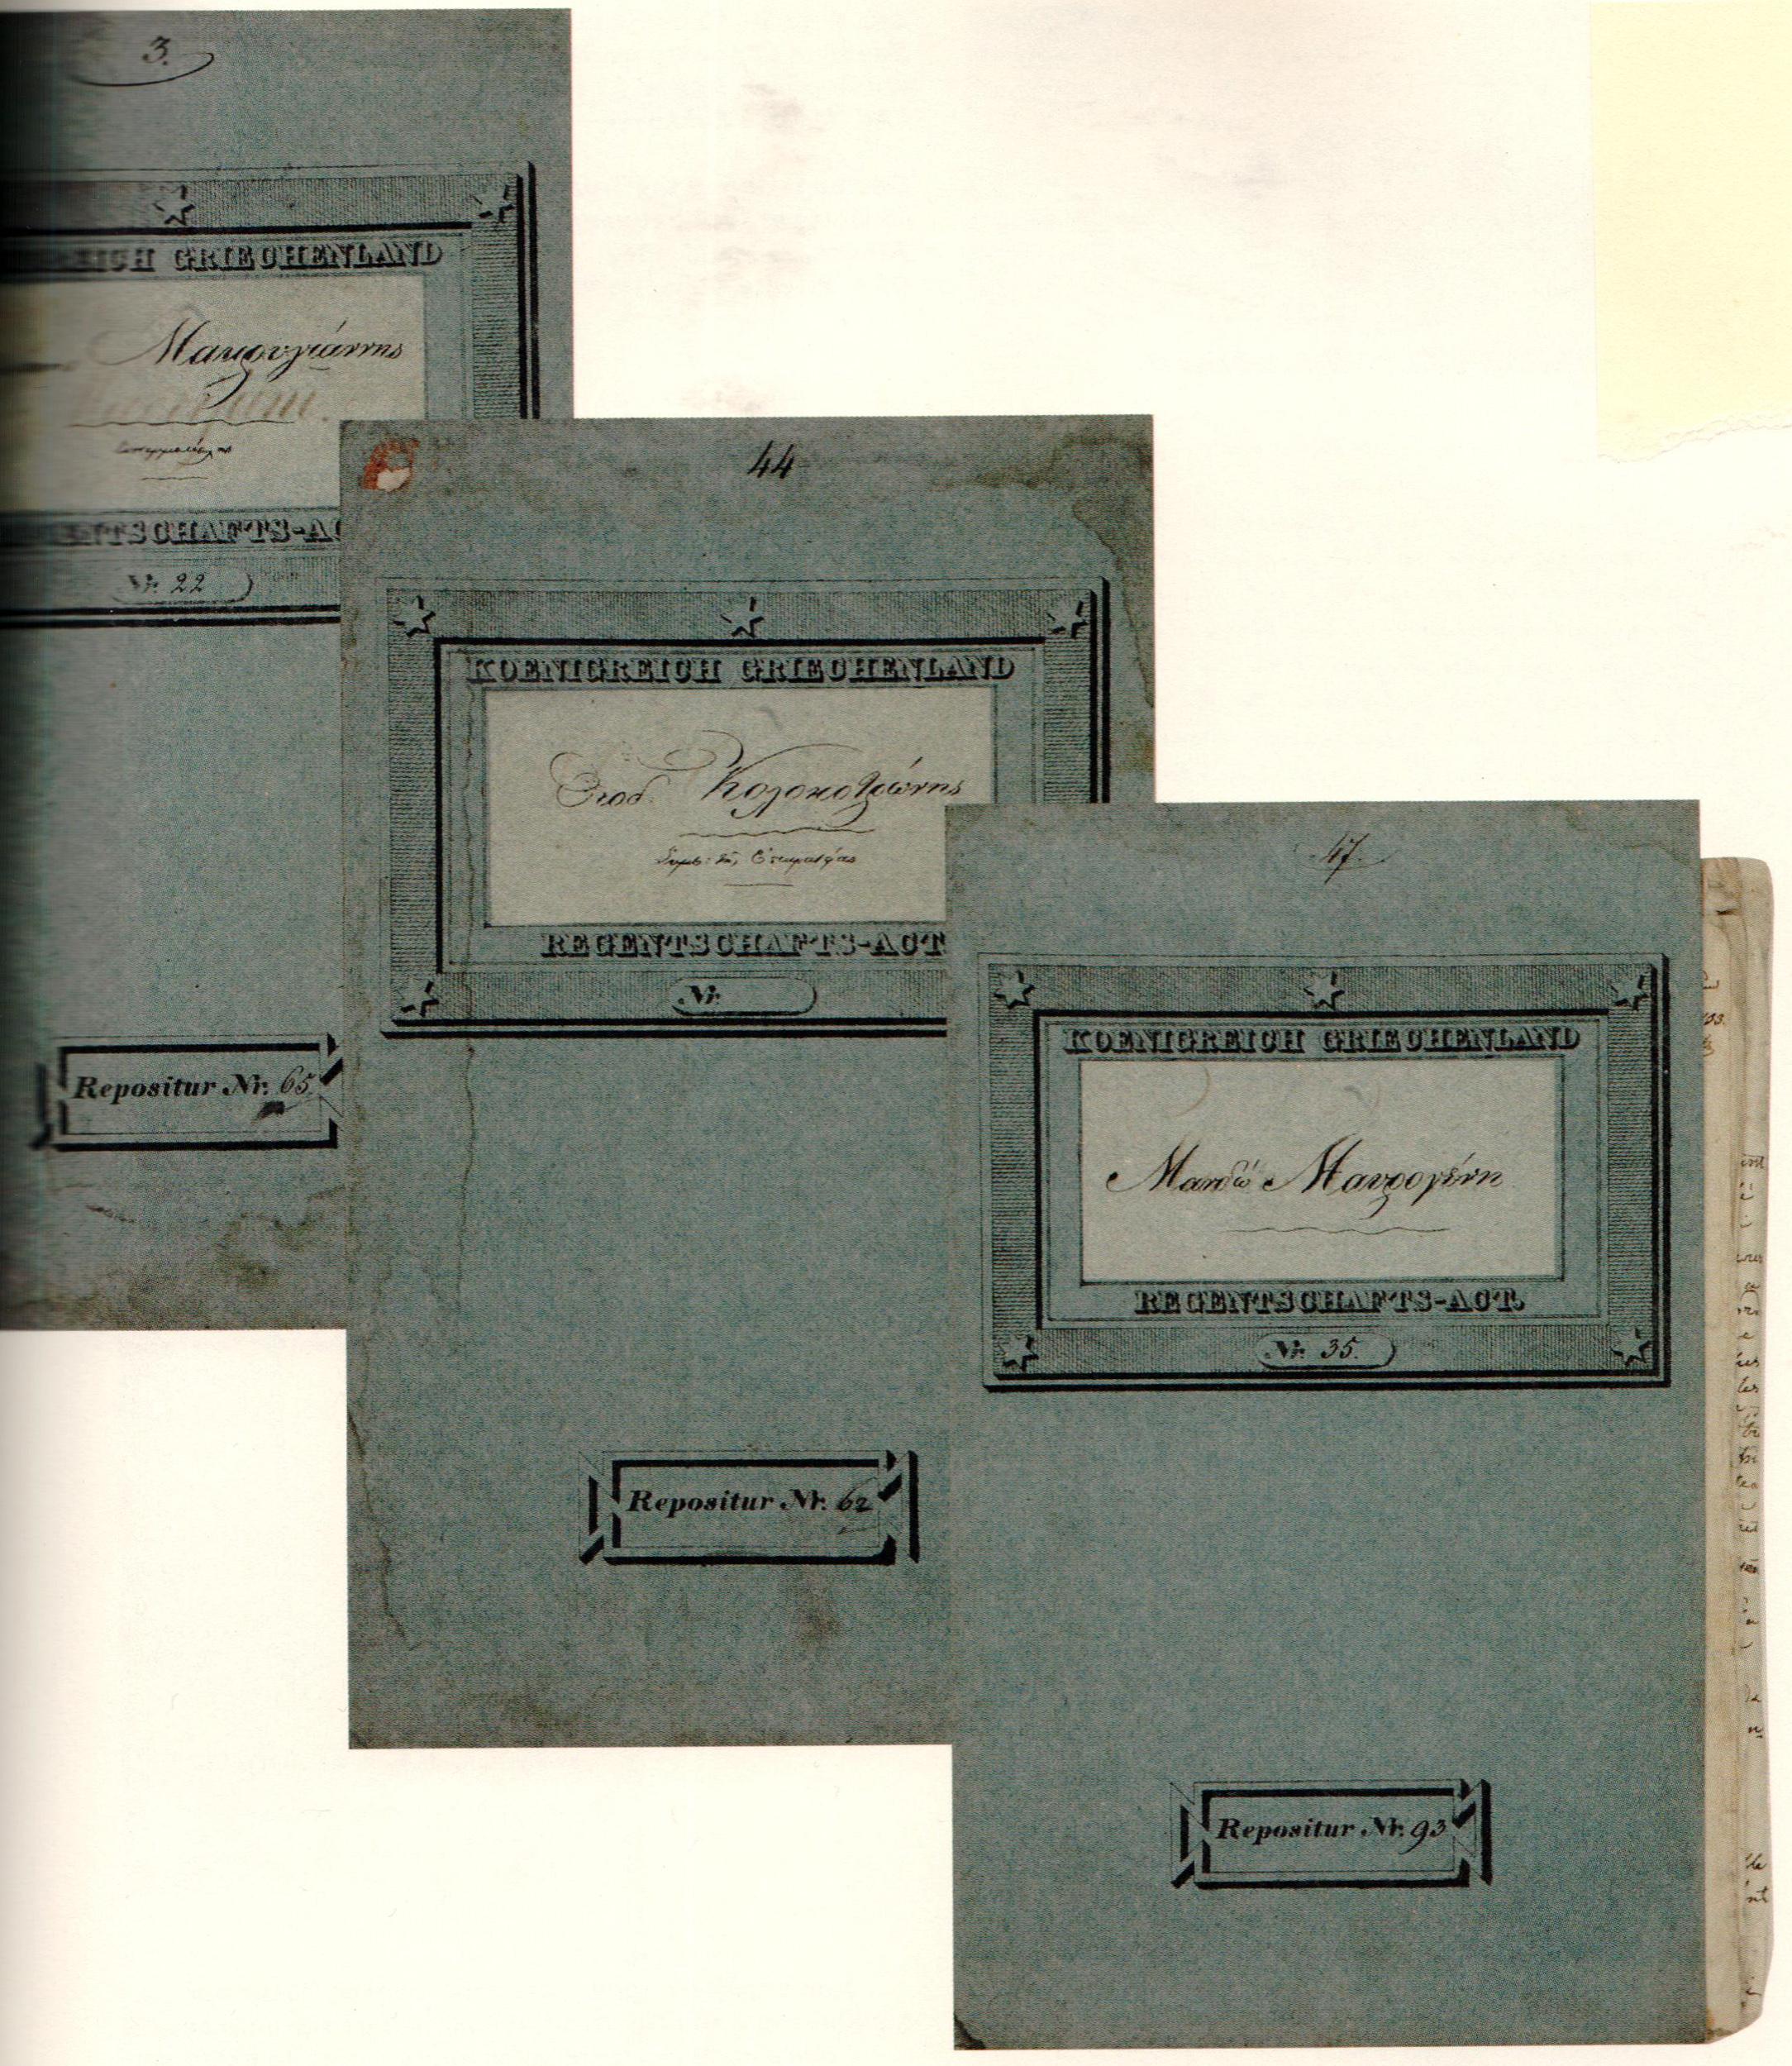 Ατομικοί φάκελλοι των Ι. Μακρυγιάννη, Θ. Κολοκοτρώνη και της Μ. Μαυρογένους από το αρχείο προσωπικών υποθέσεων των Ανακτόρων, 1833-1835.